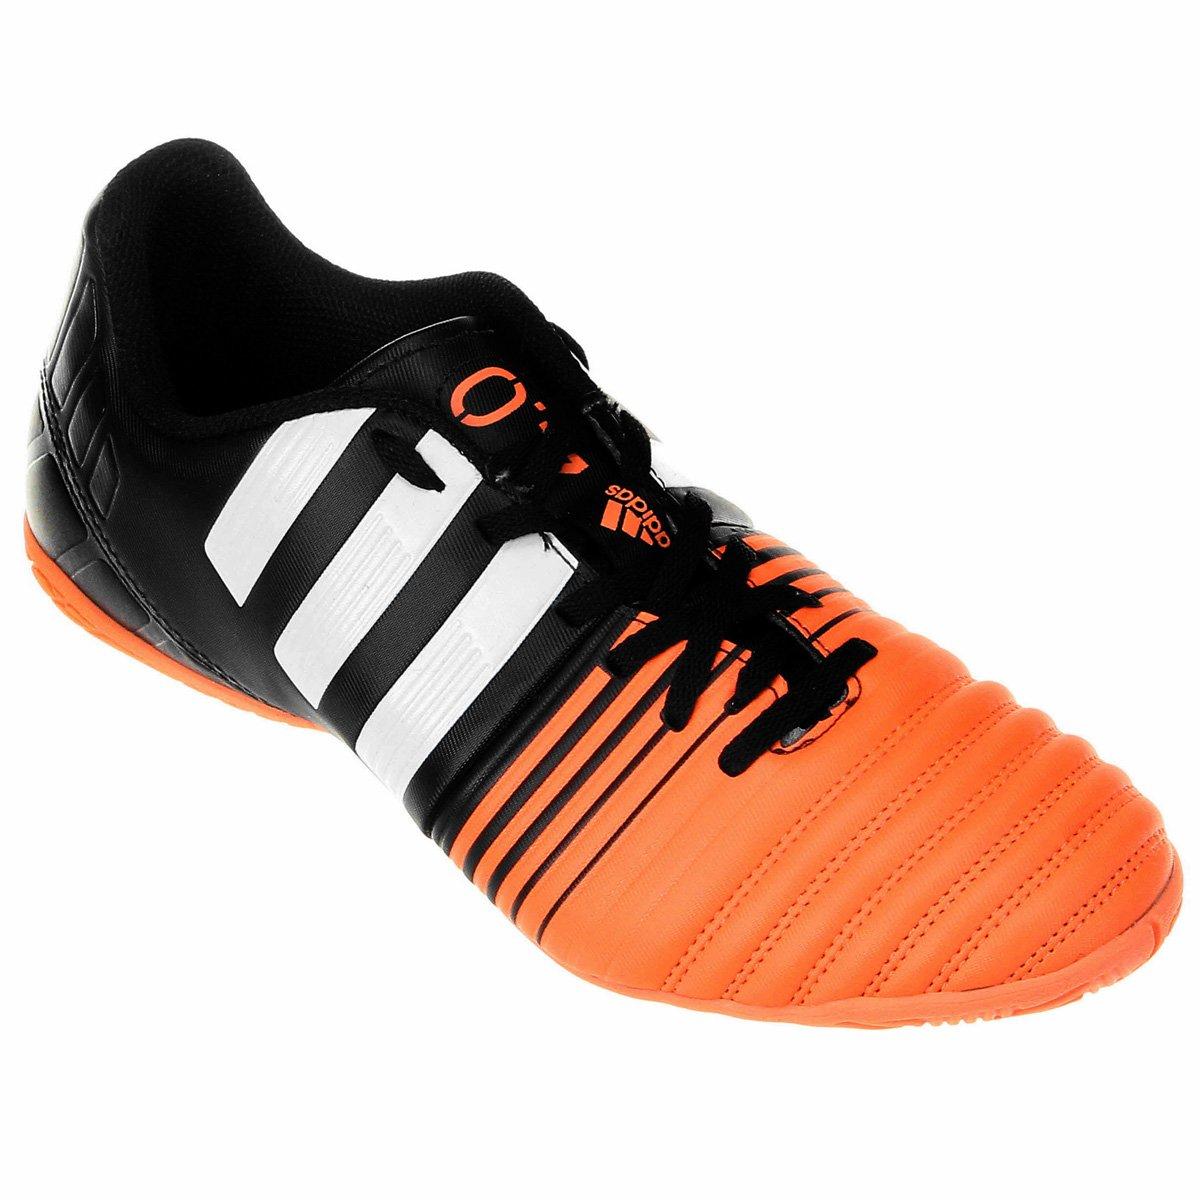 Chuteira Adidas Nitrocharge 4.0 IN Futsal - Compre Agora  fe3d53c1fbd9c